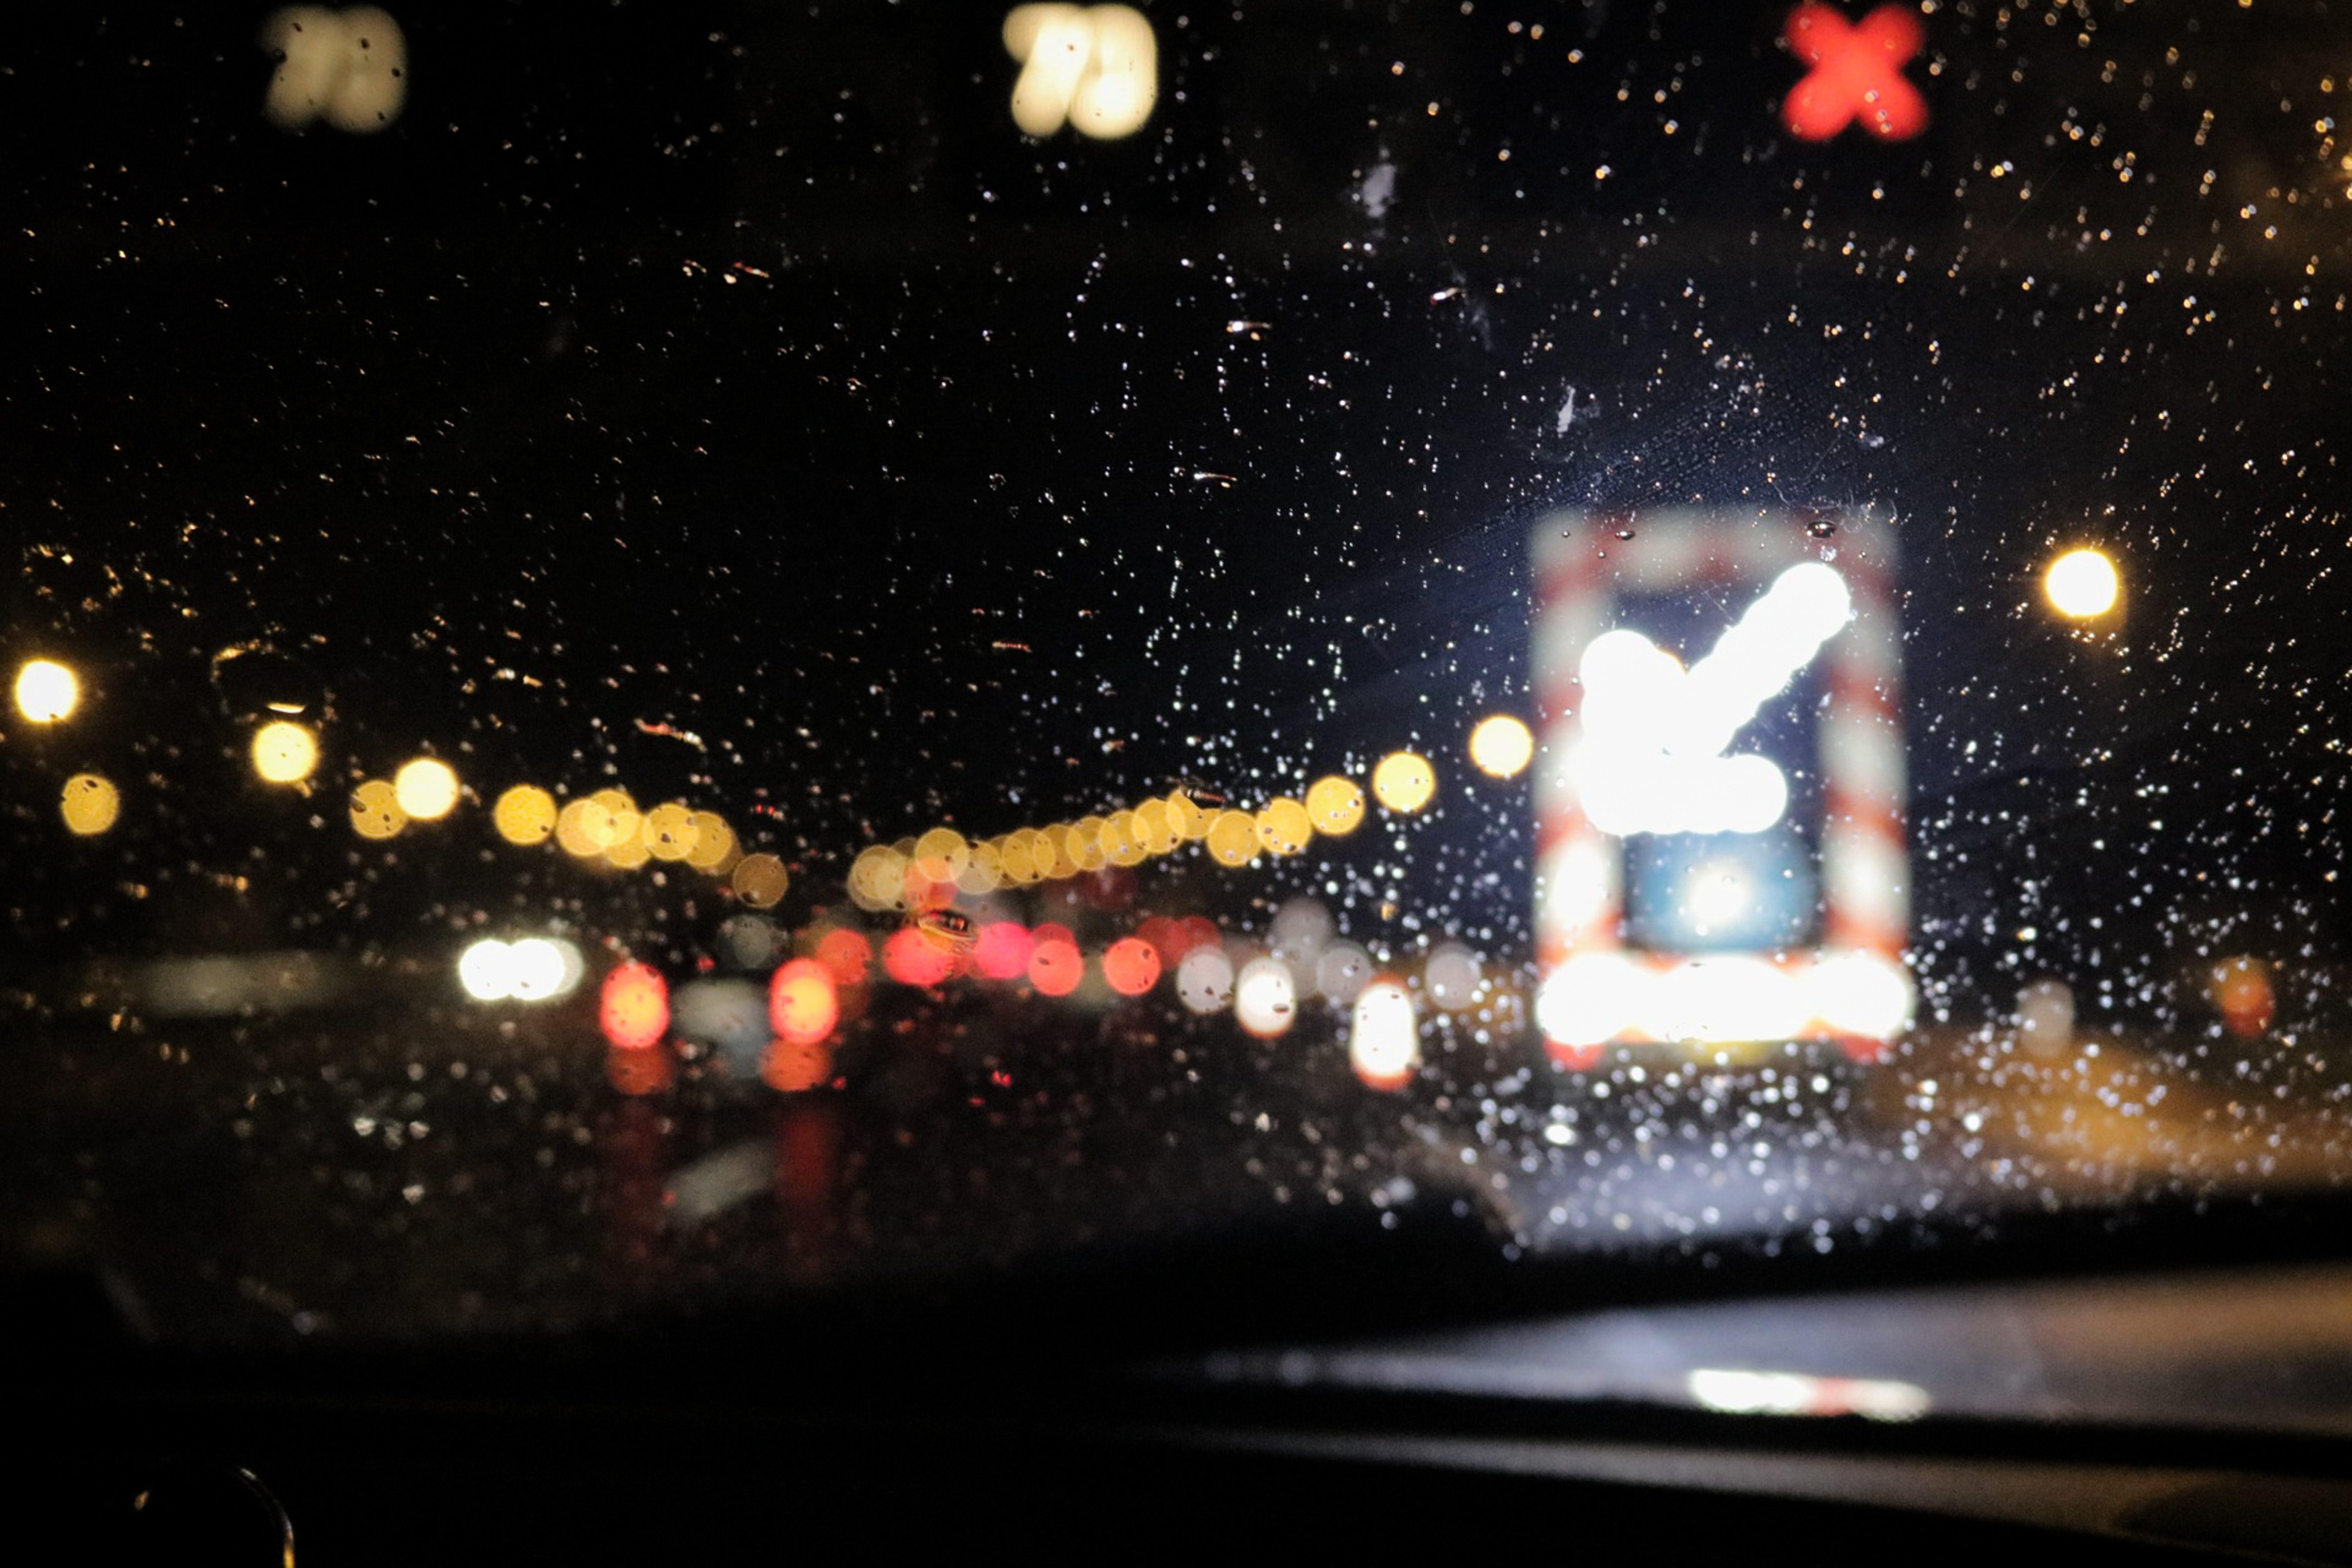 zu autobahn, autos, beleuchtung, dunkel